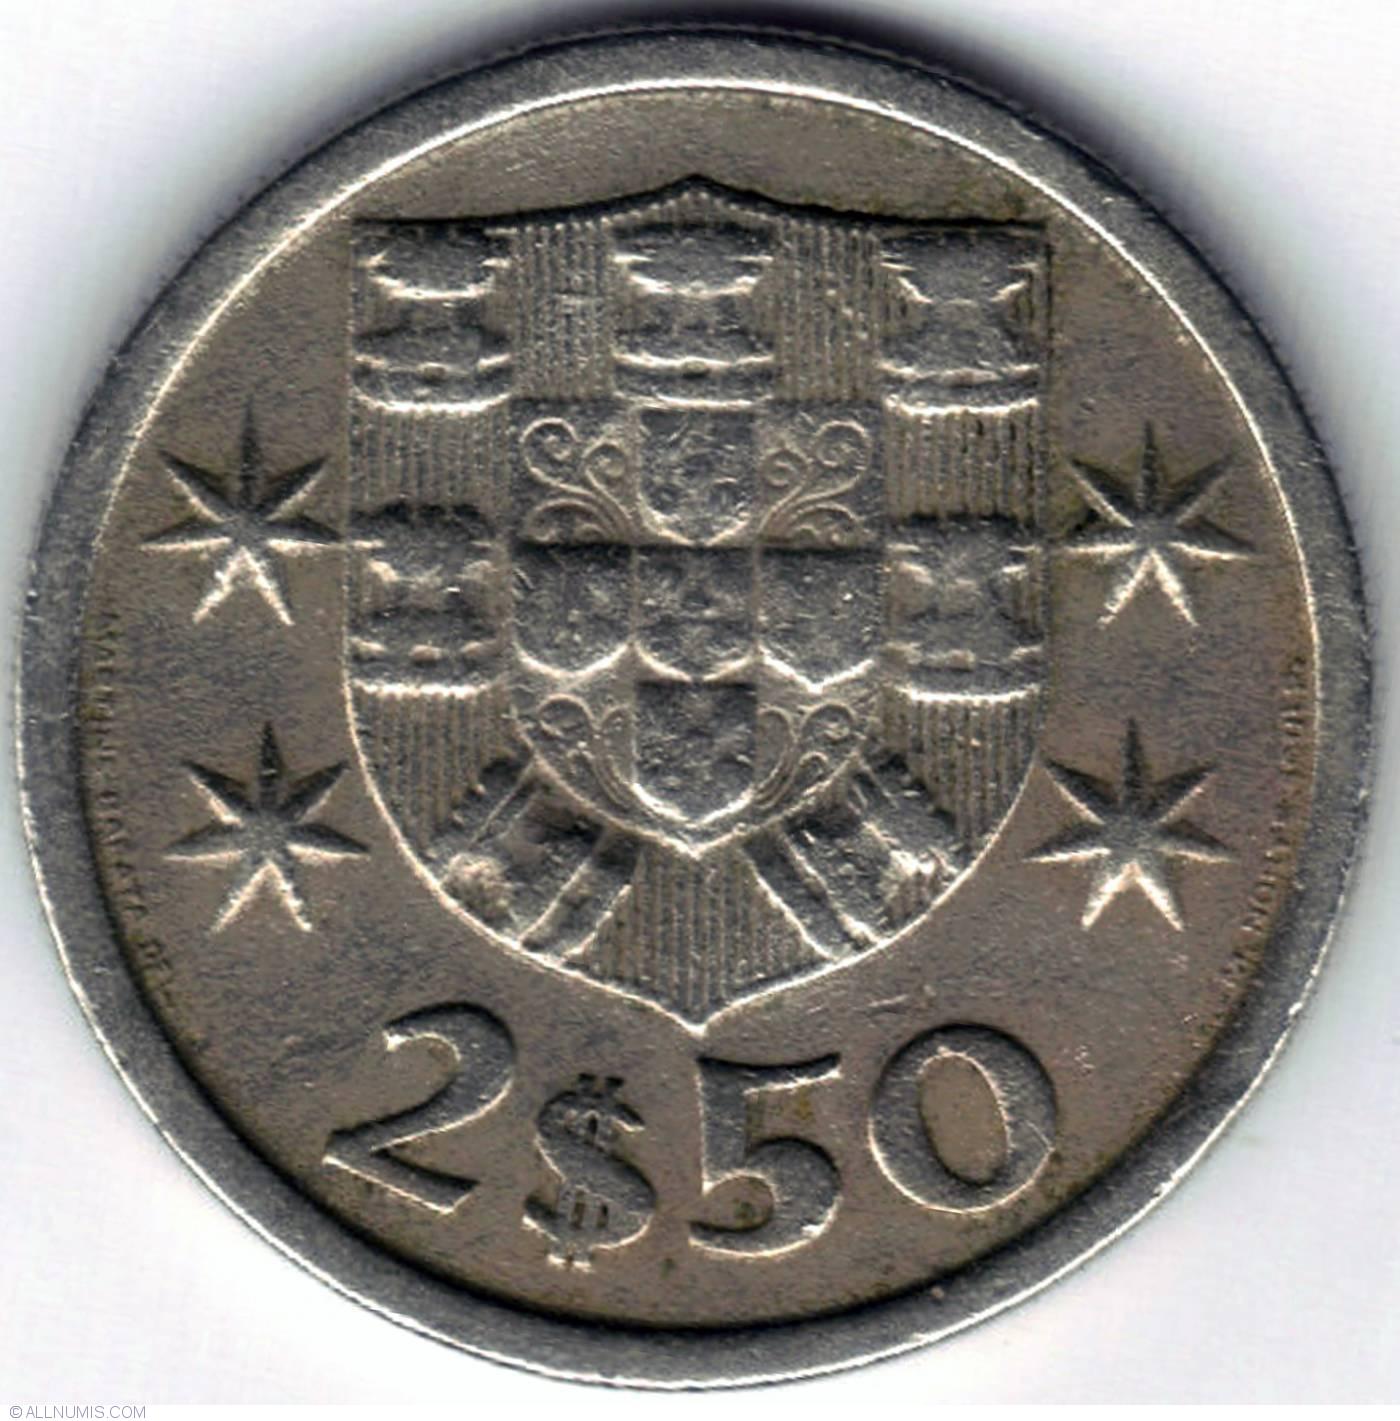 2 ½ Escudos 1965, Republic (1961-1970)